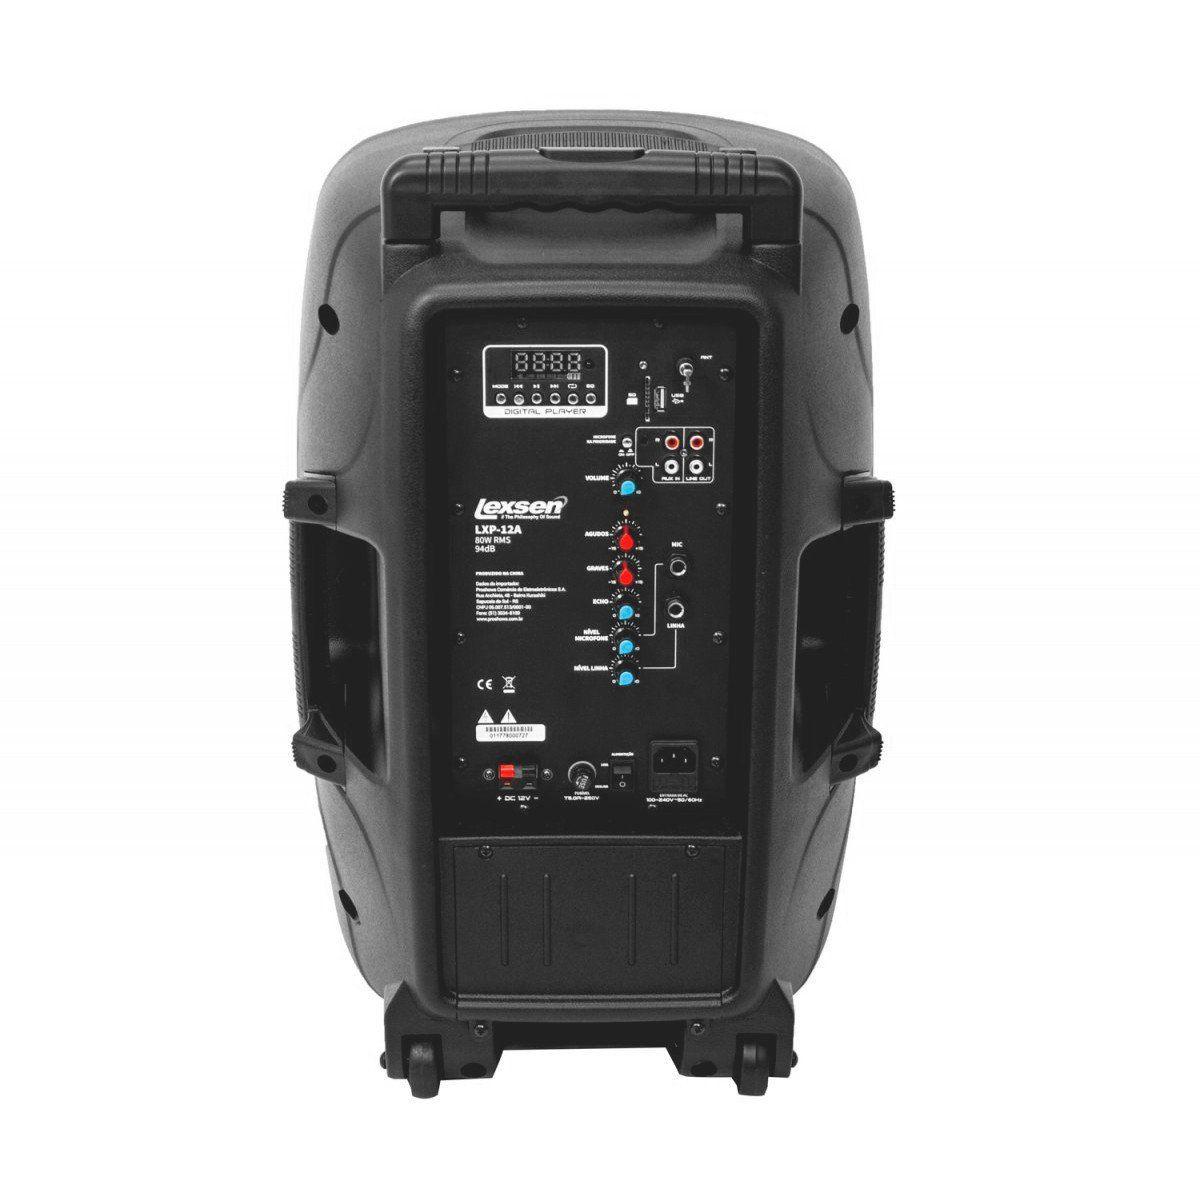 Lexsen LXP-12A Caixa de Som LXP 12-A 80w Acústica Ativa Bares E Ambientes Pequenos